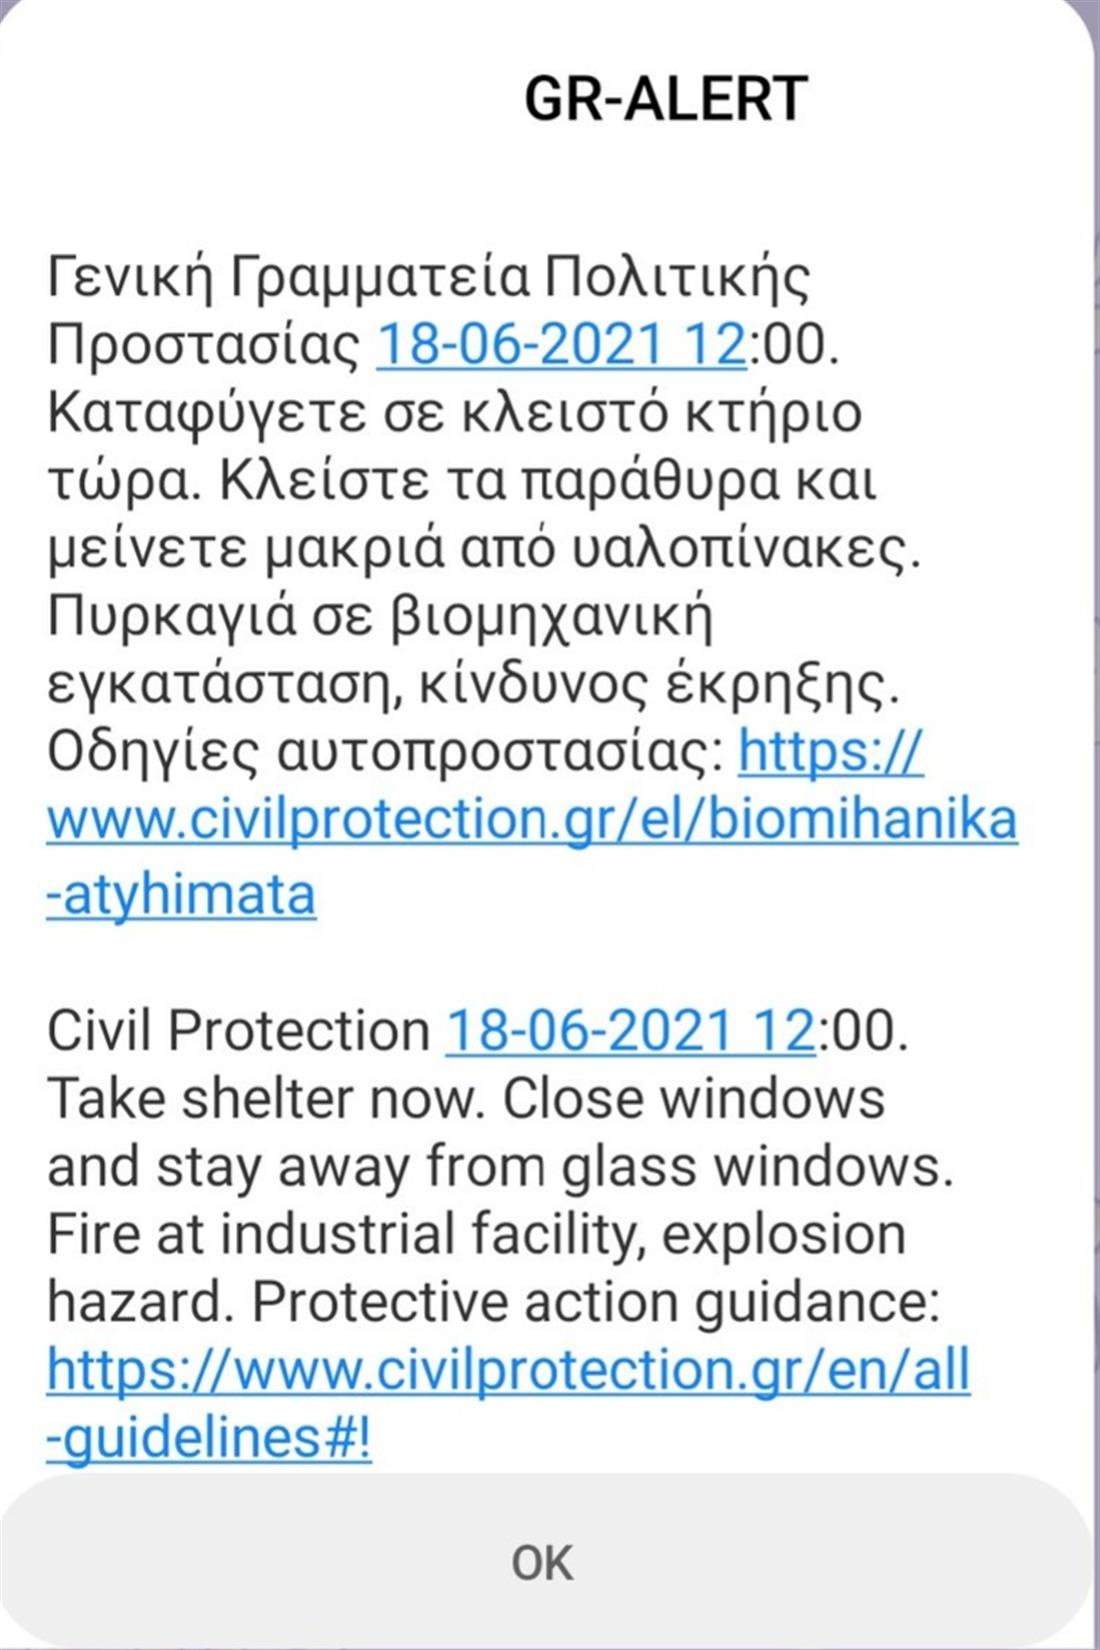 Ασπρόπυργος - Φωτιά - βυτιοφόρο - Πολιτκική Προστασία - μήνυμα